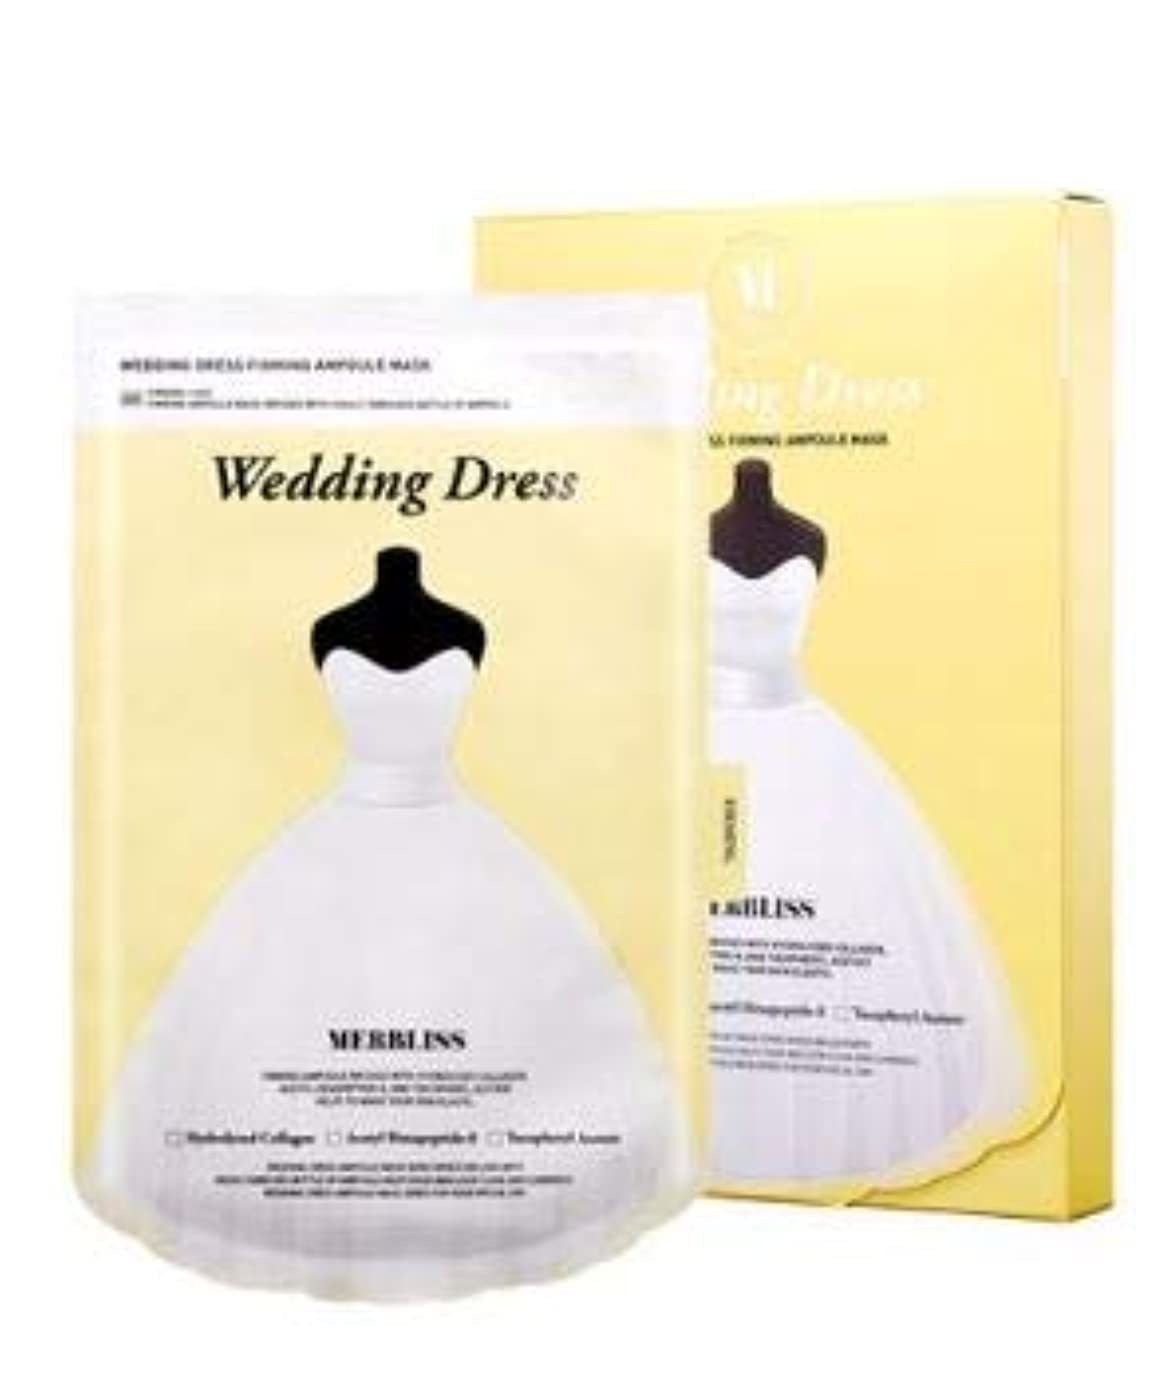 失礼アーチ侵略[Merbliss] Wedding Dress Firming Ampoule Mask 25gx5ea /ウェディングドレスファーミングアンプルマスク25gx5枚 [並行輸入品]